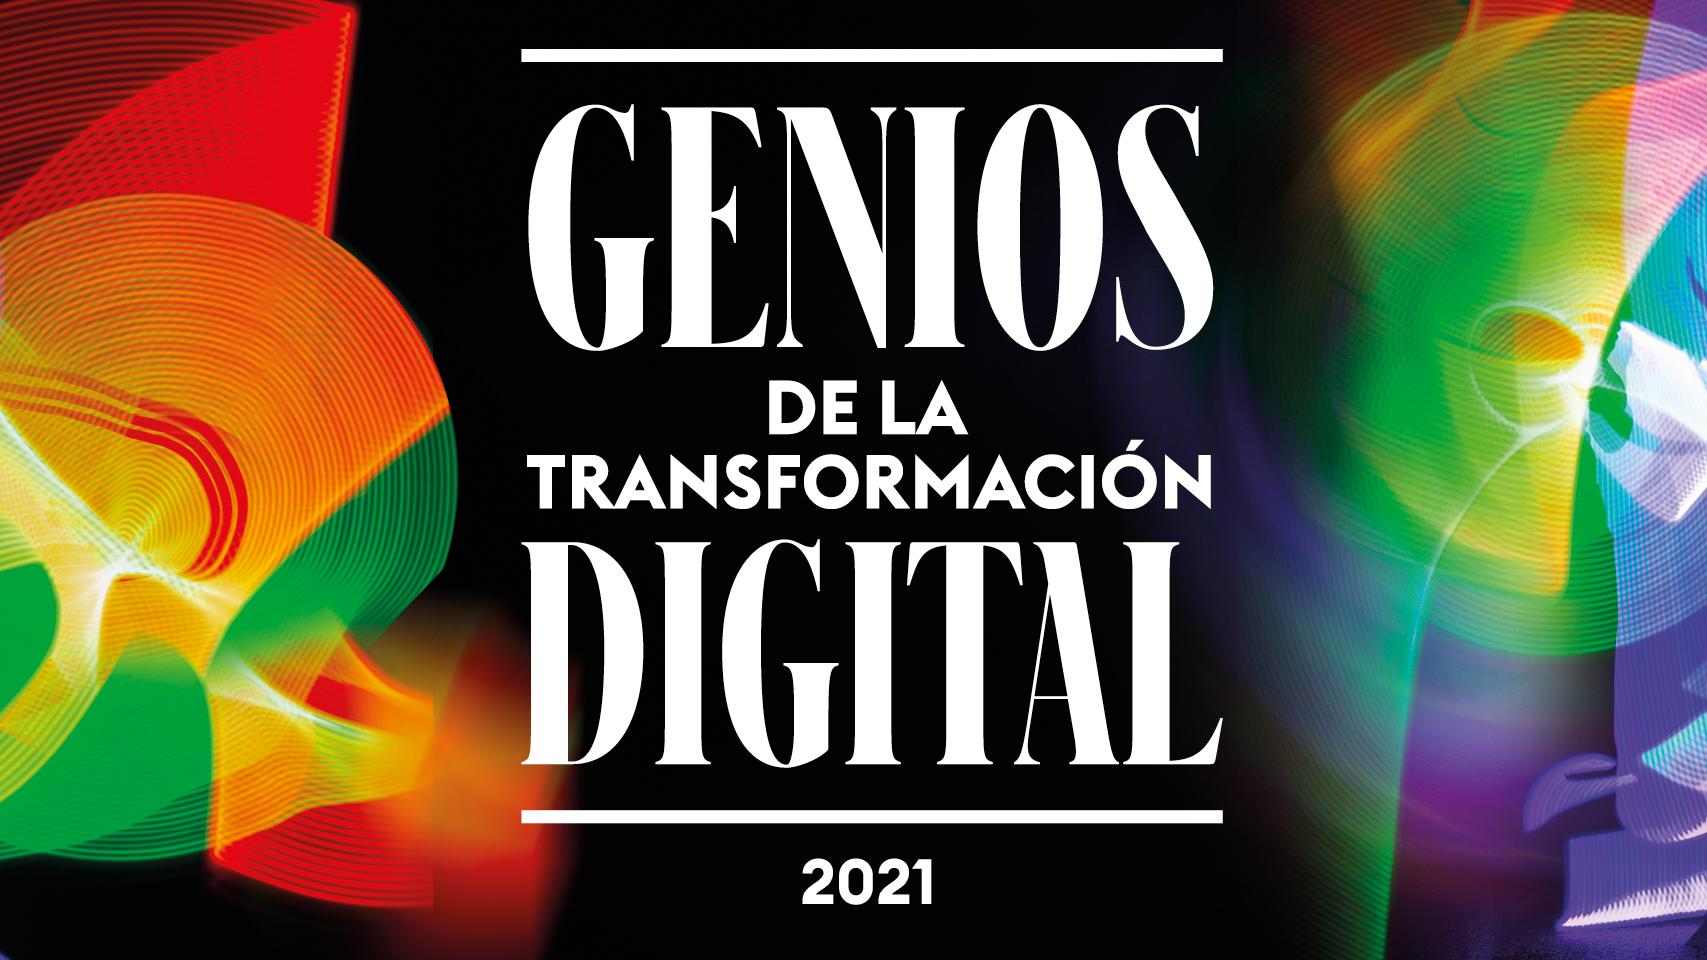 Genios de la transformación digital 2021